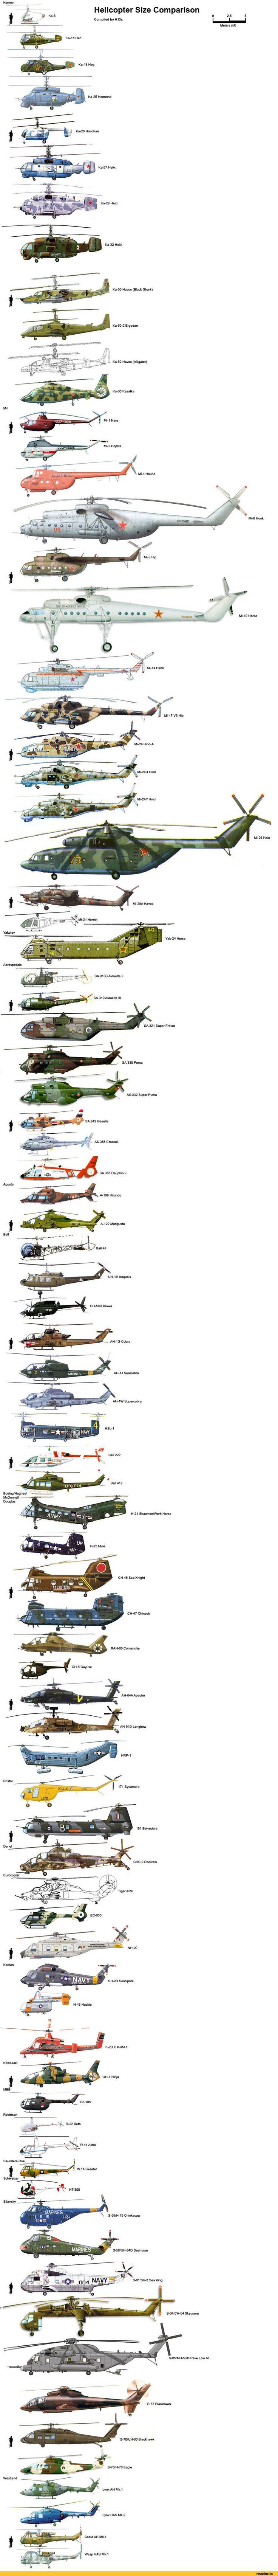 geek,Прикольные гаджеты. Научный, инженерный и айтишный юмор,вертолеты,Всё самое интересное,интересное, познавательное,,разное,длиннопост